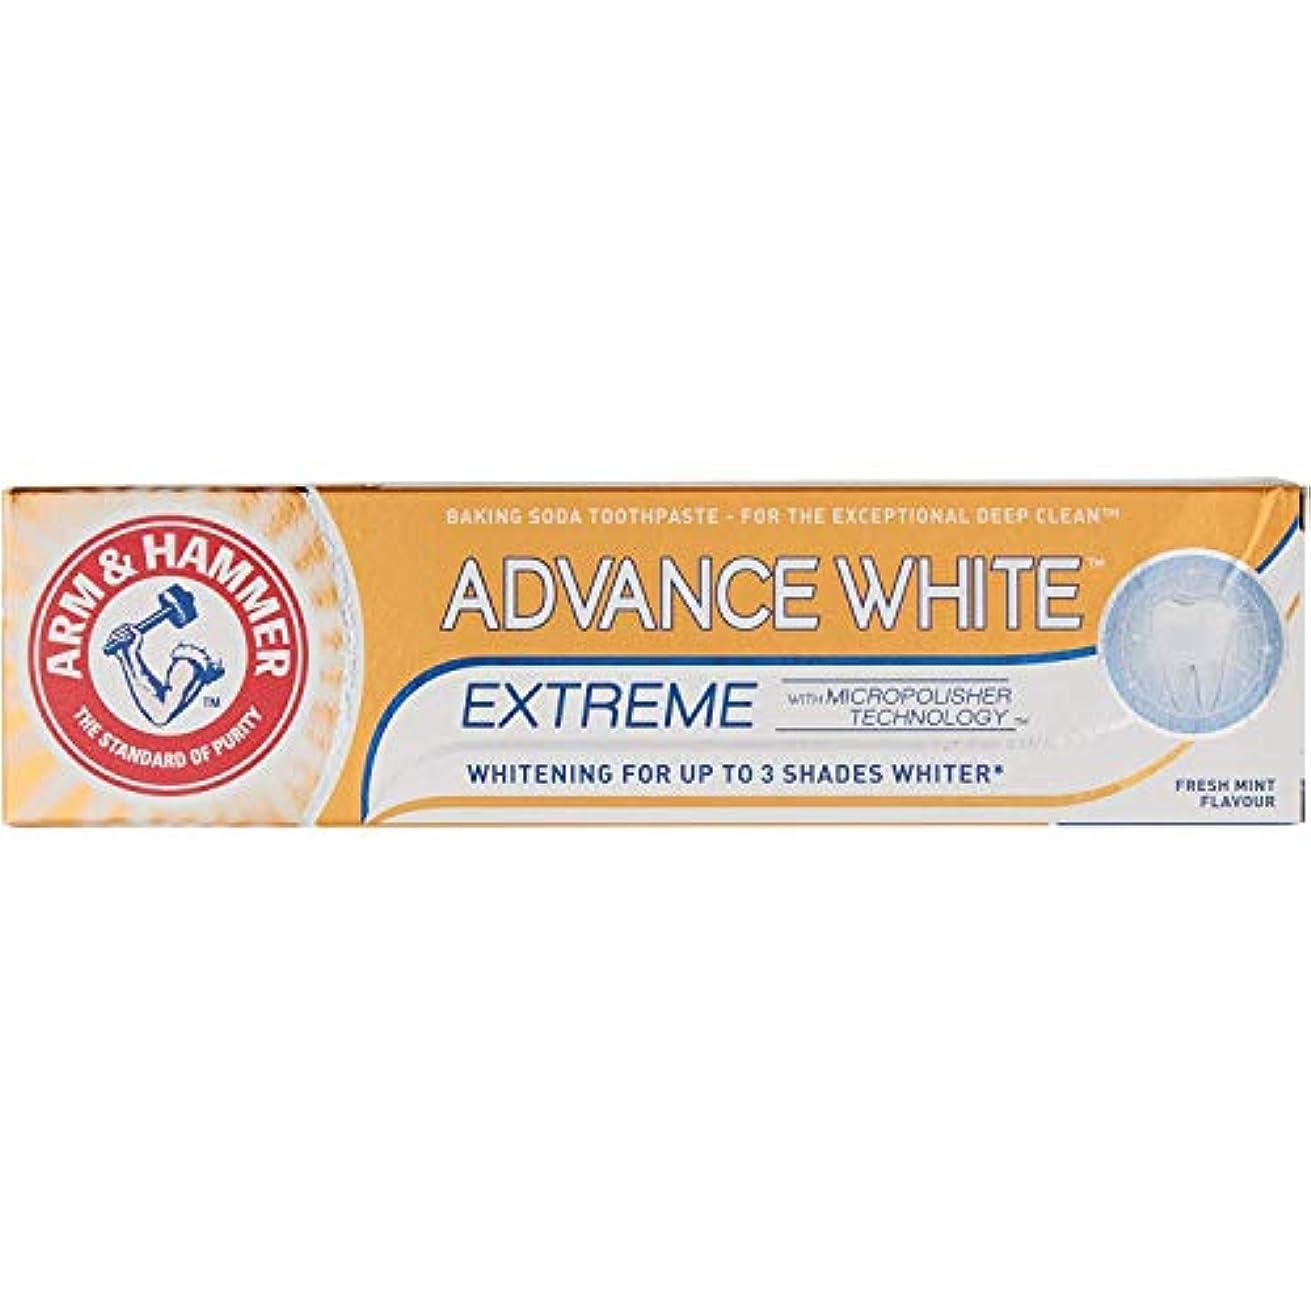 付属品ブローホール微弱Arm & Hammer Advance White Extreme Whitening Baking Soda Toothpaste 75Ml - Pack of 2 by Arm & Hammer